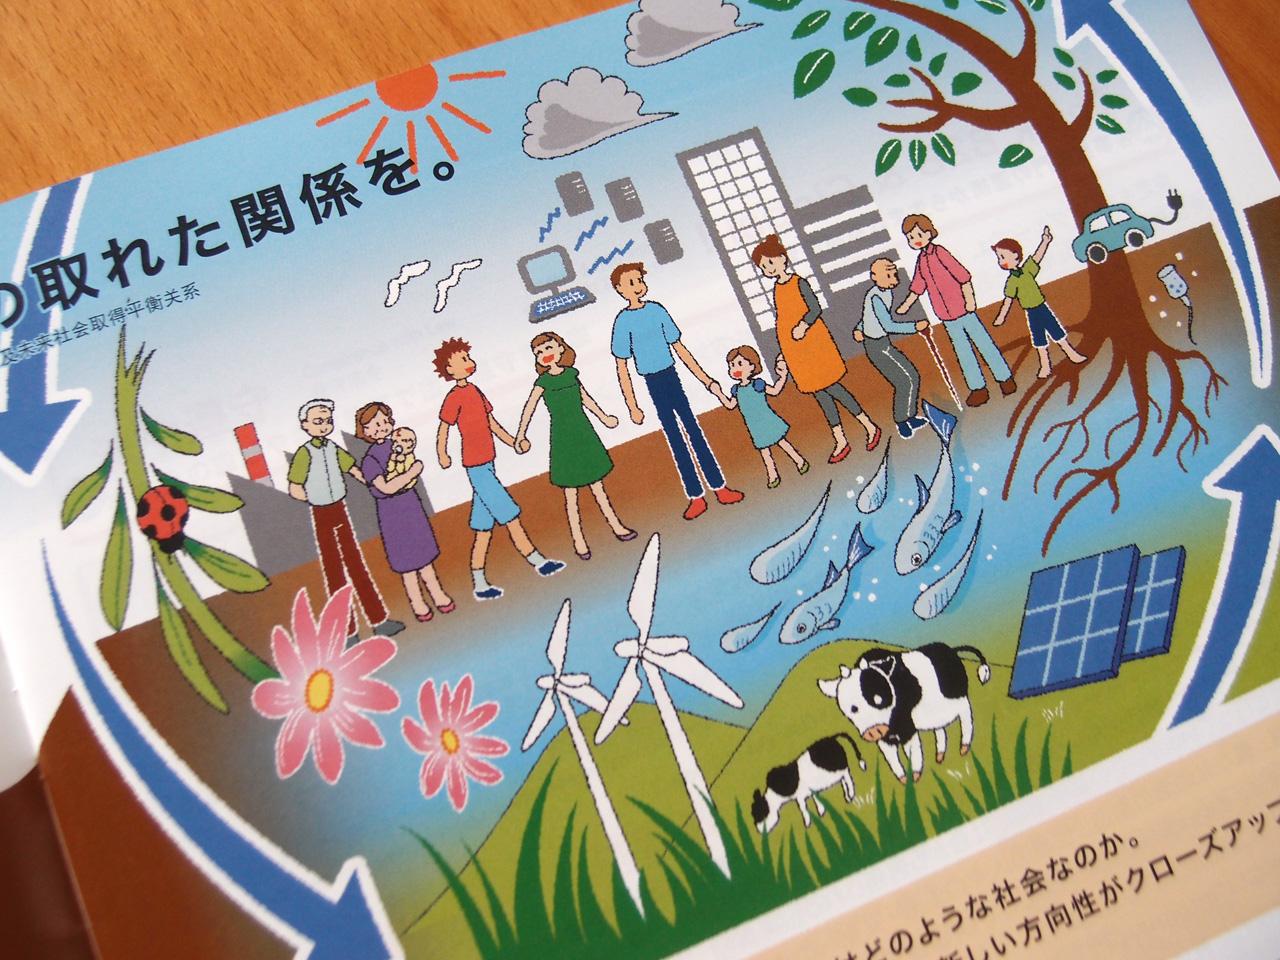 東芝キヤリアグループ様 「社会・環境報告書2012」特集イラスト